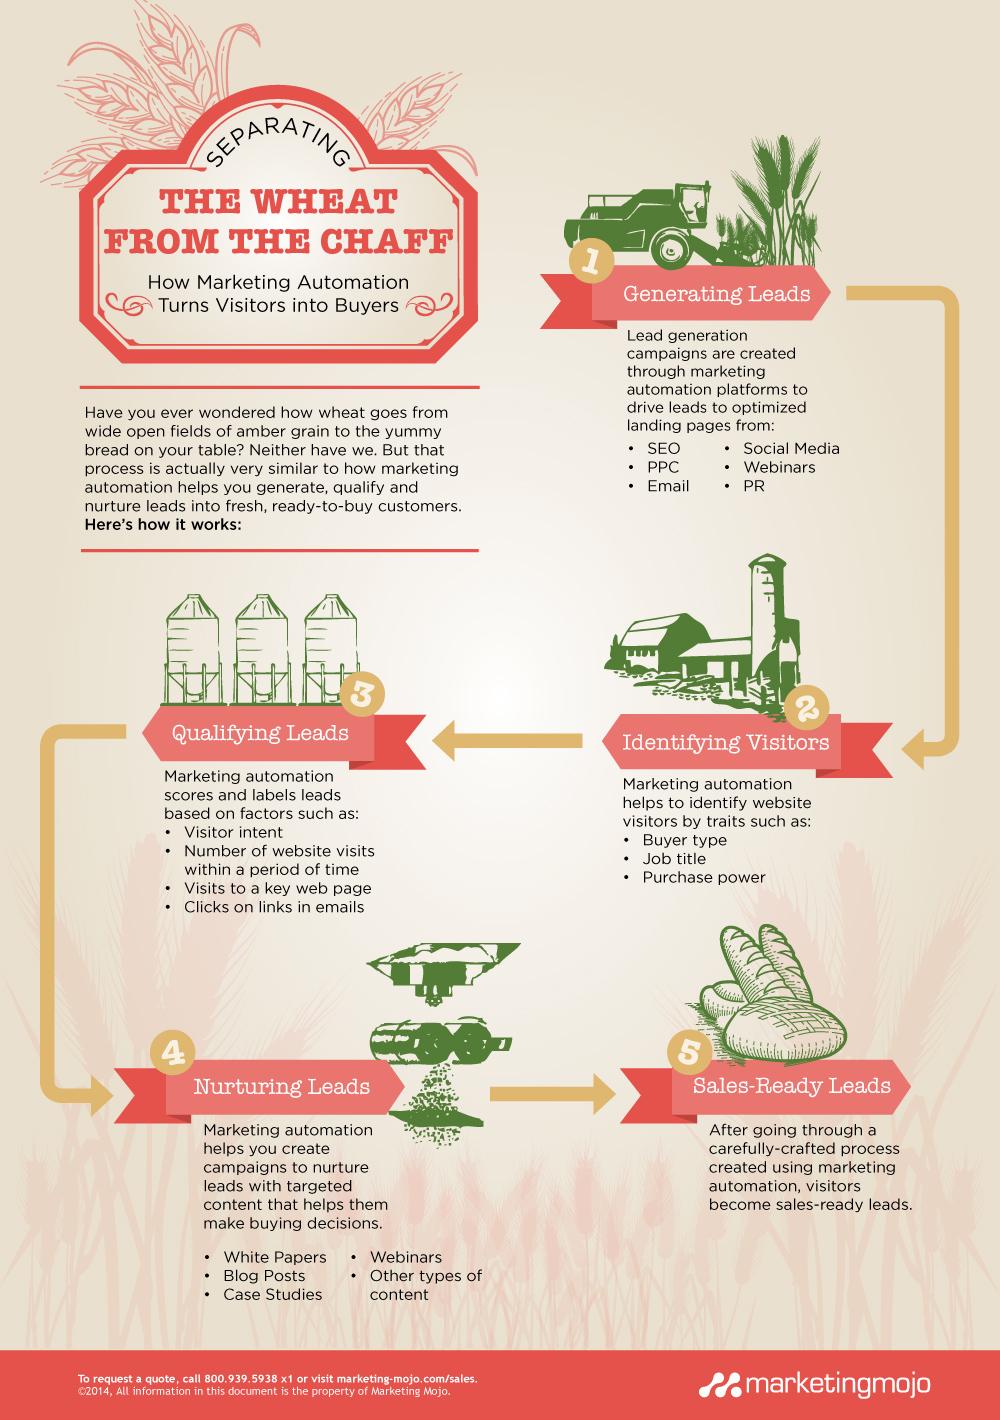 marketing-automation-infographic-explained